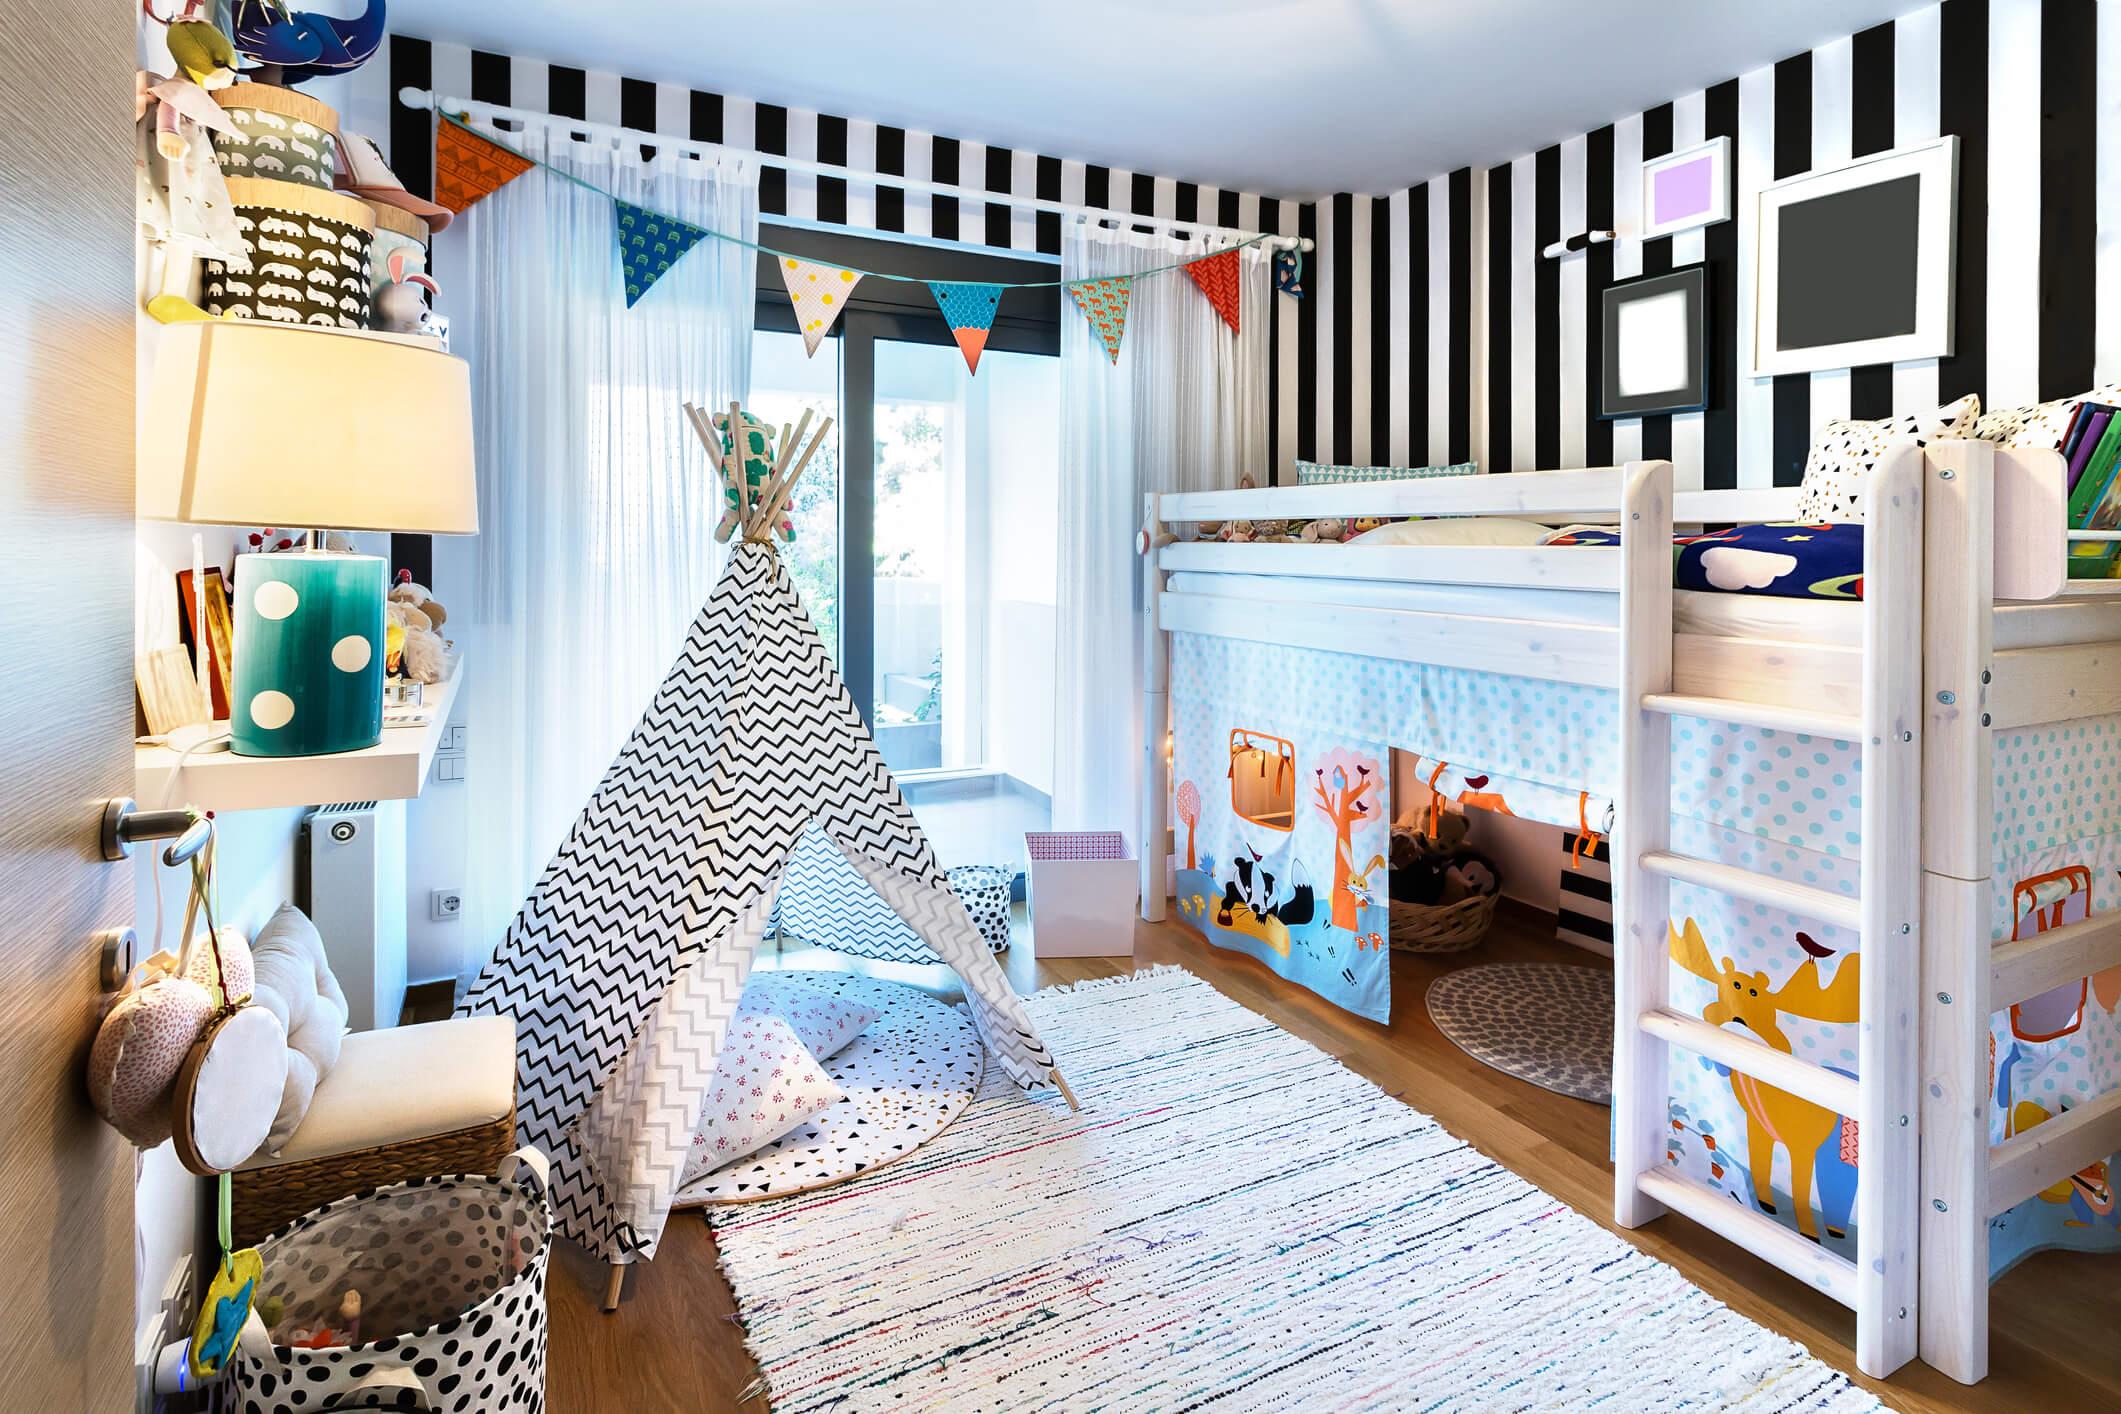 Tendências de decoração infantil